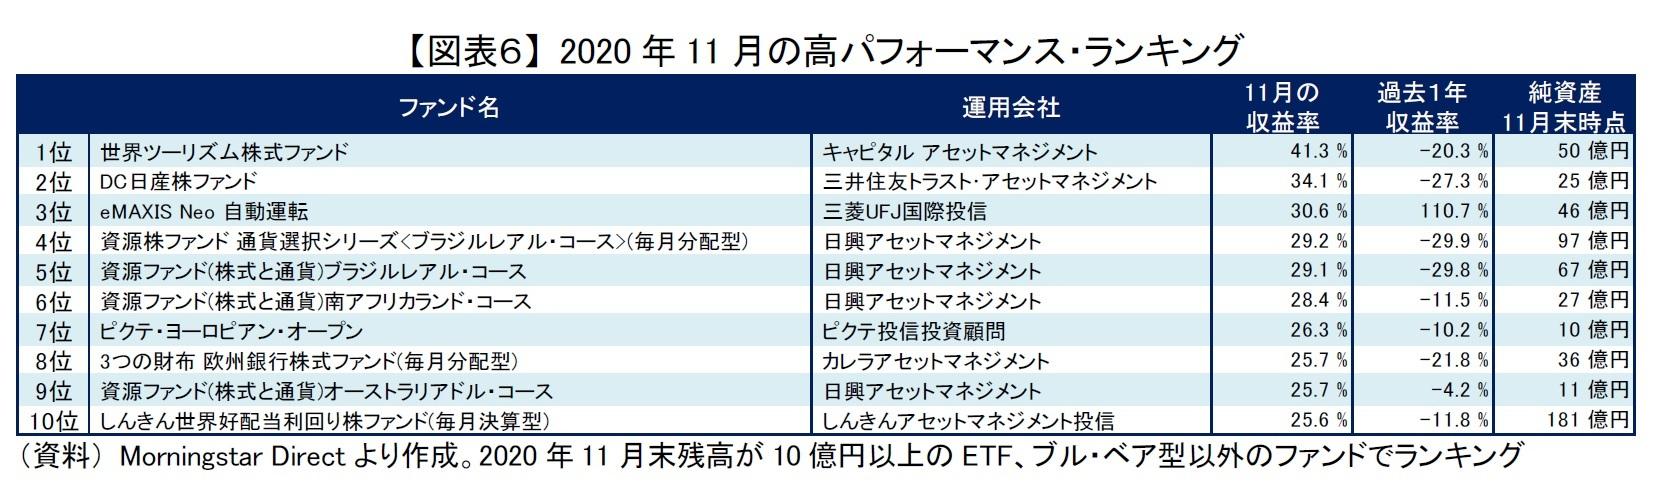 【図表6】 2020年11月の高パフォーマンス・ランキング